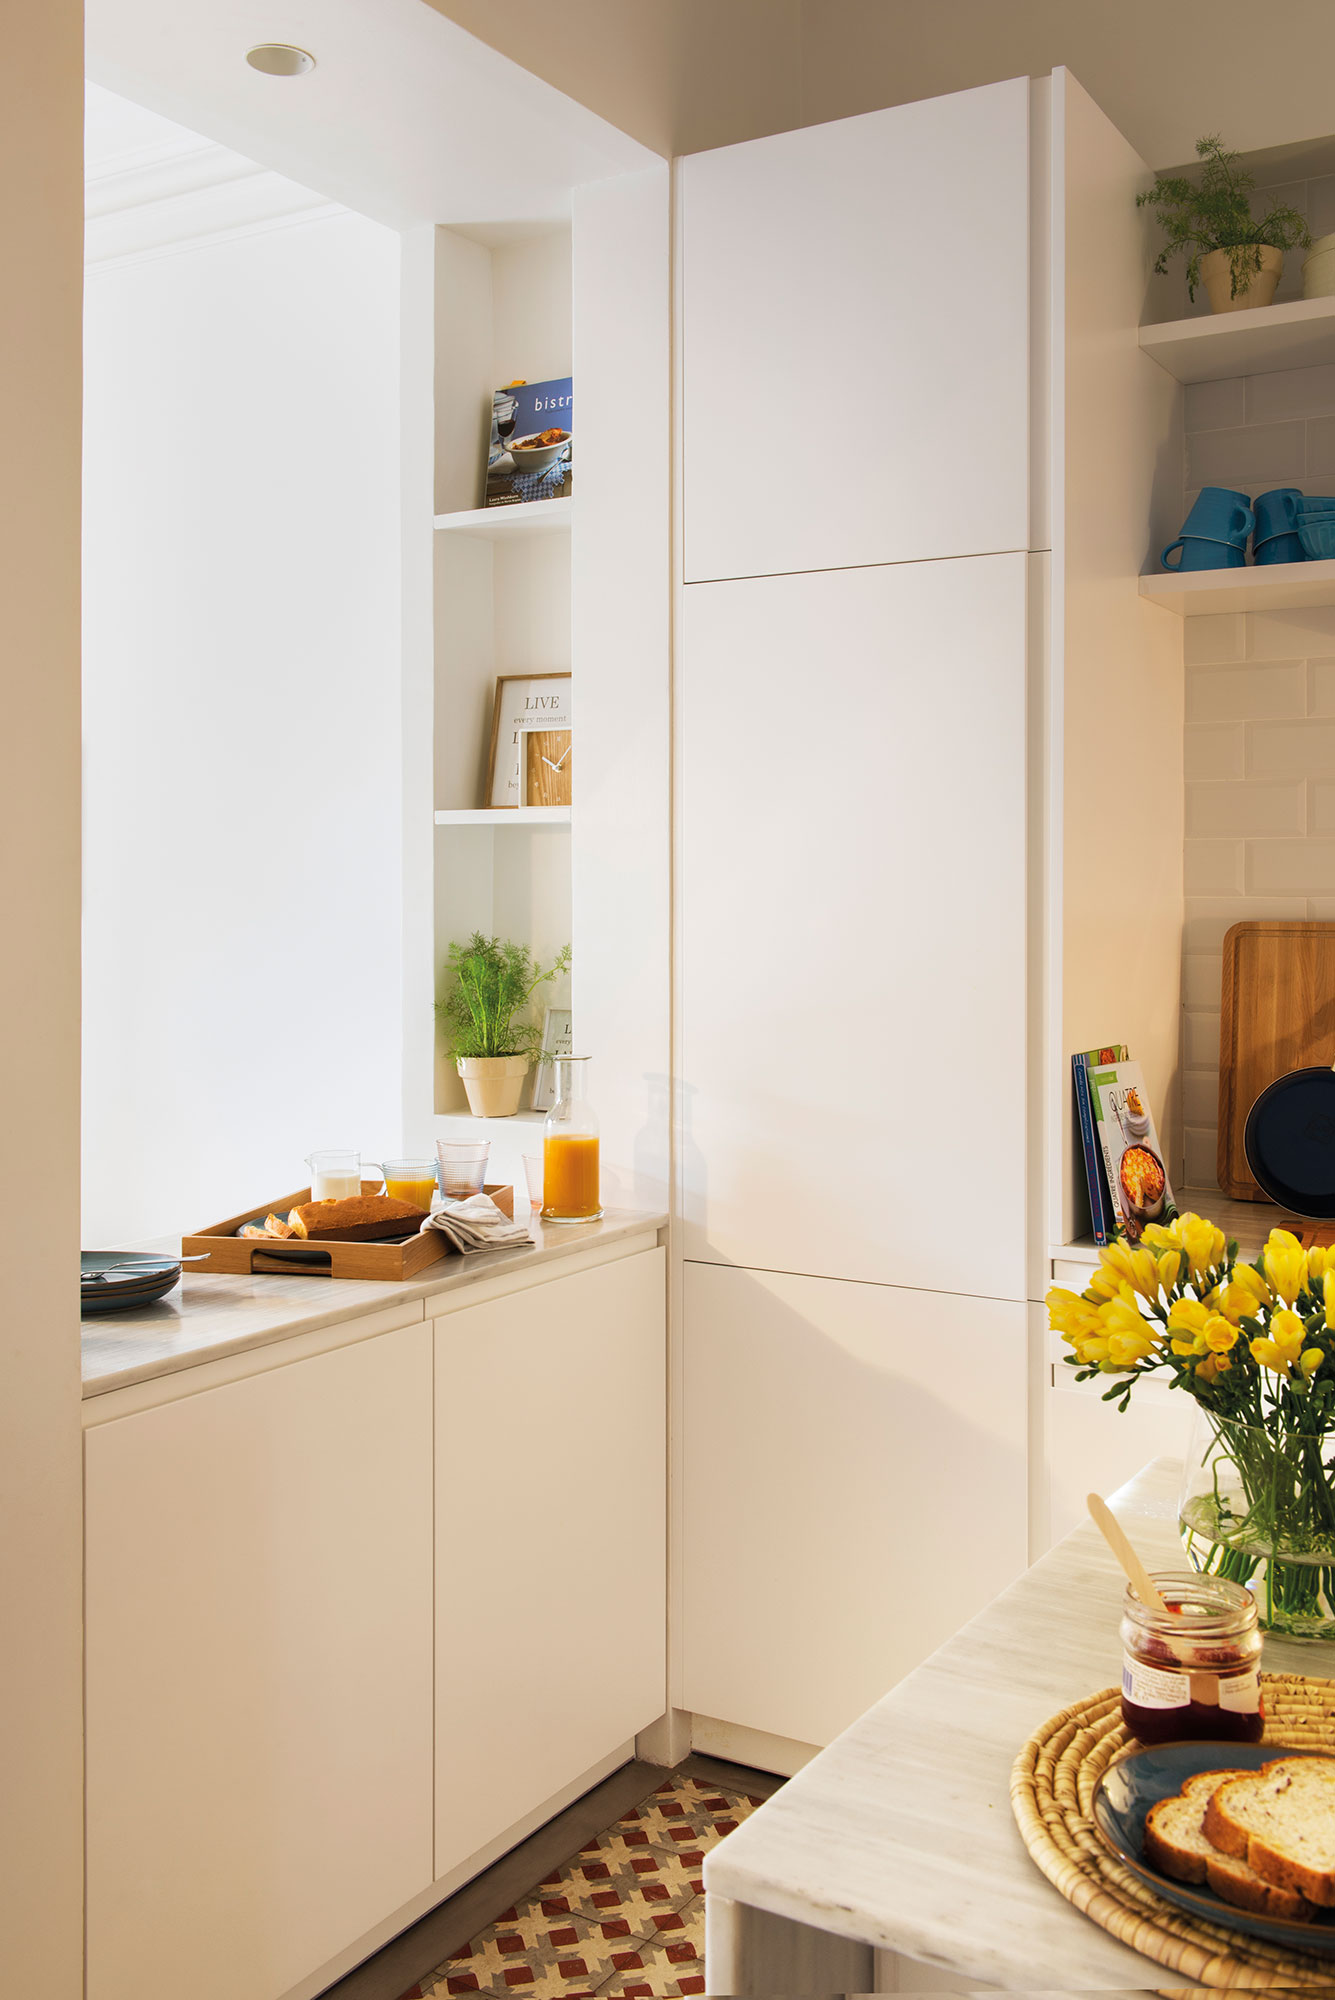 Precio lacar muebles cocina top with precio lacar muebles cocina finest precio lacar muebles - Precio lacar muebles ...